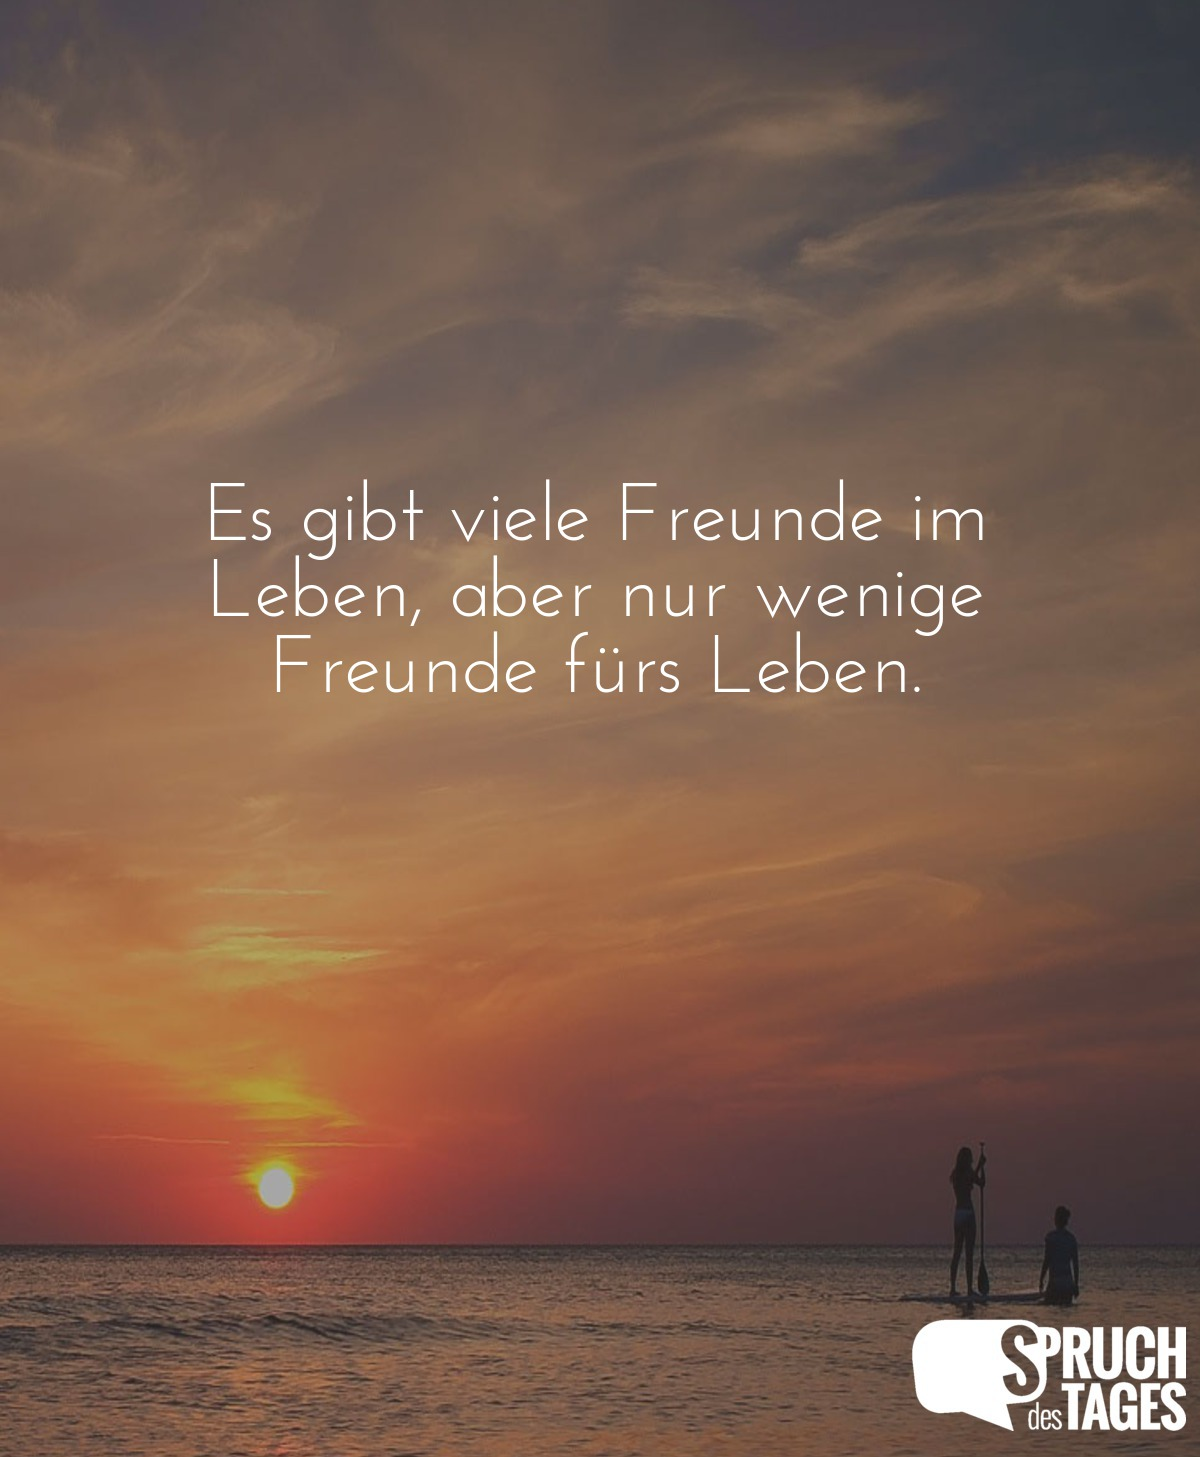 sprüche freundschaft leben Es gibt viele Freunde im Leben, aber nur wenige Freunde fürs Leben. sprüche freundschaft leben